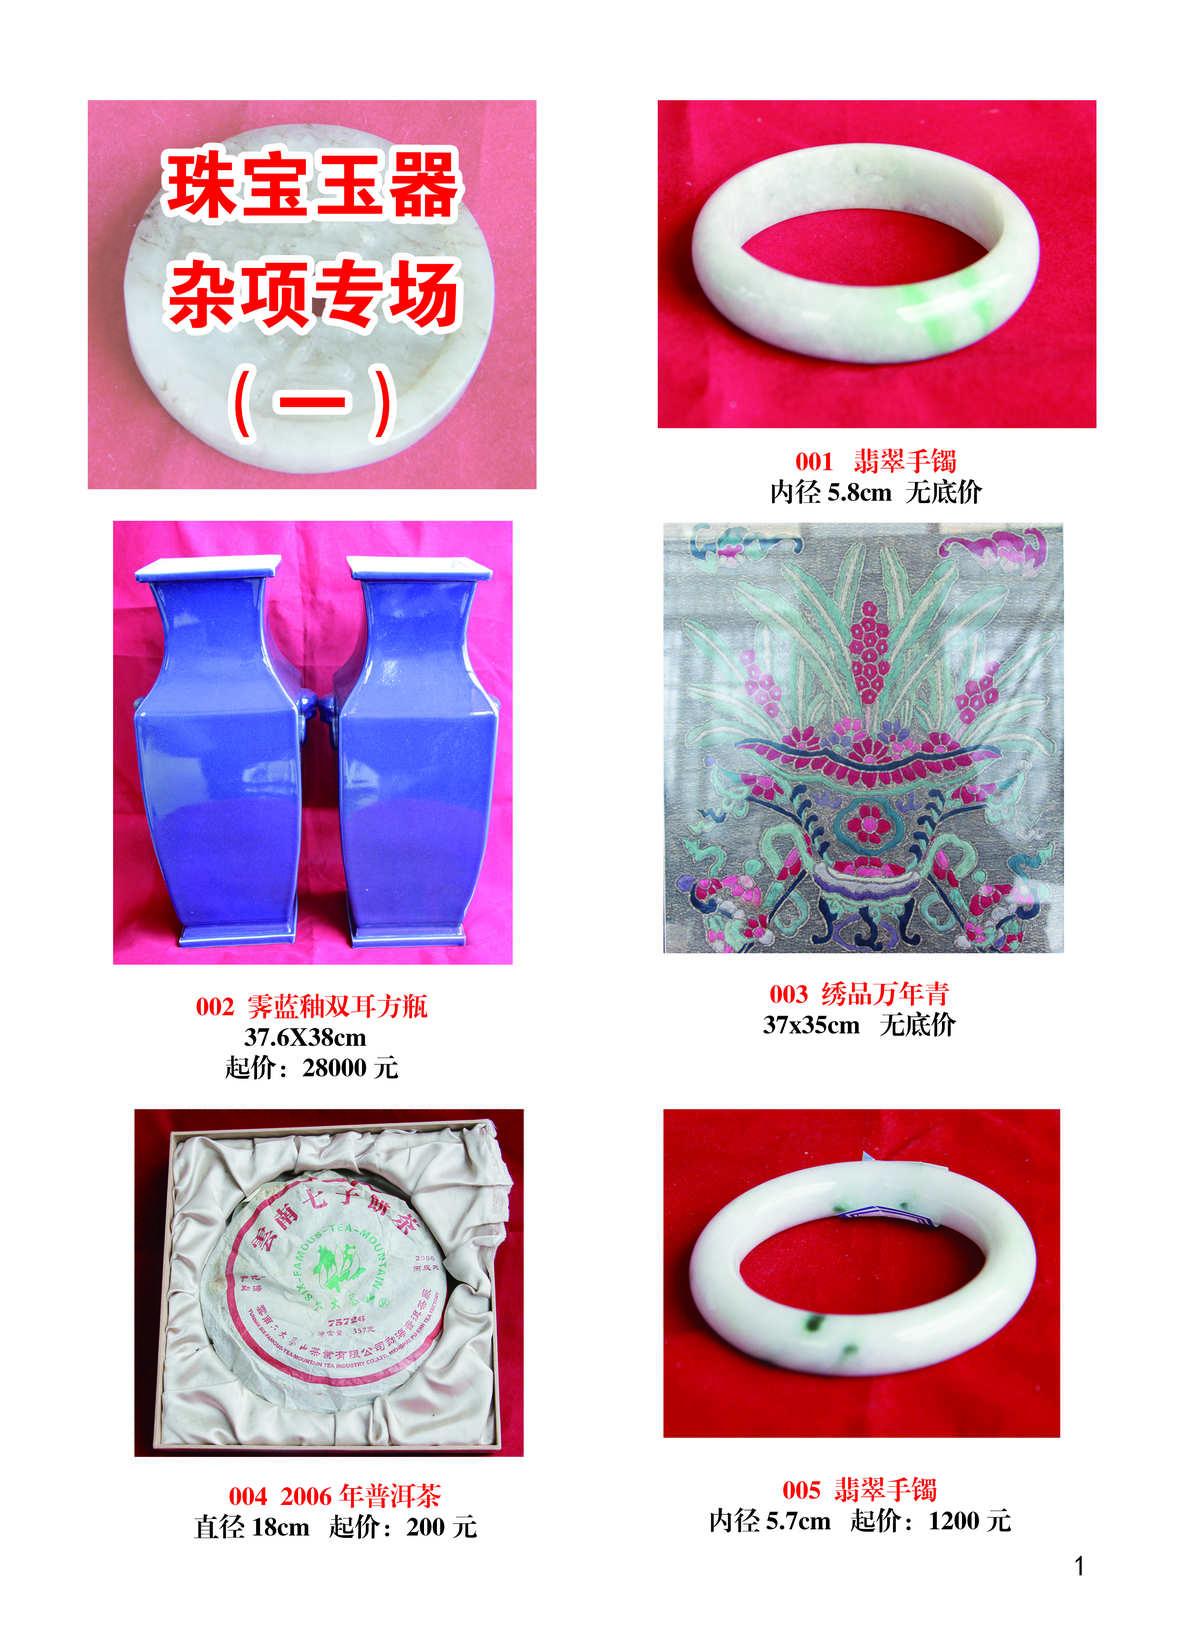 [特别报道]青州市松竹梅第十期艺术品拍卖会